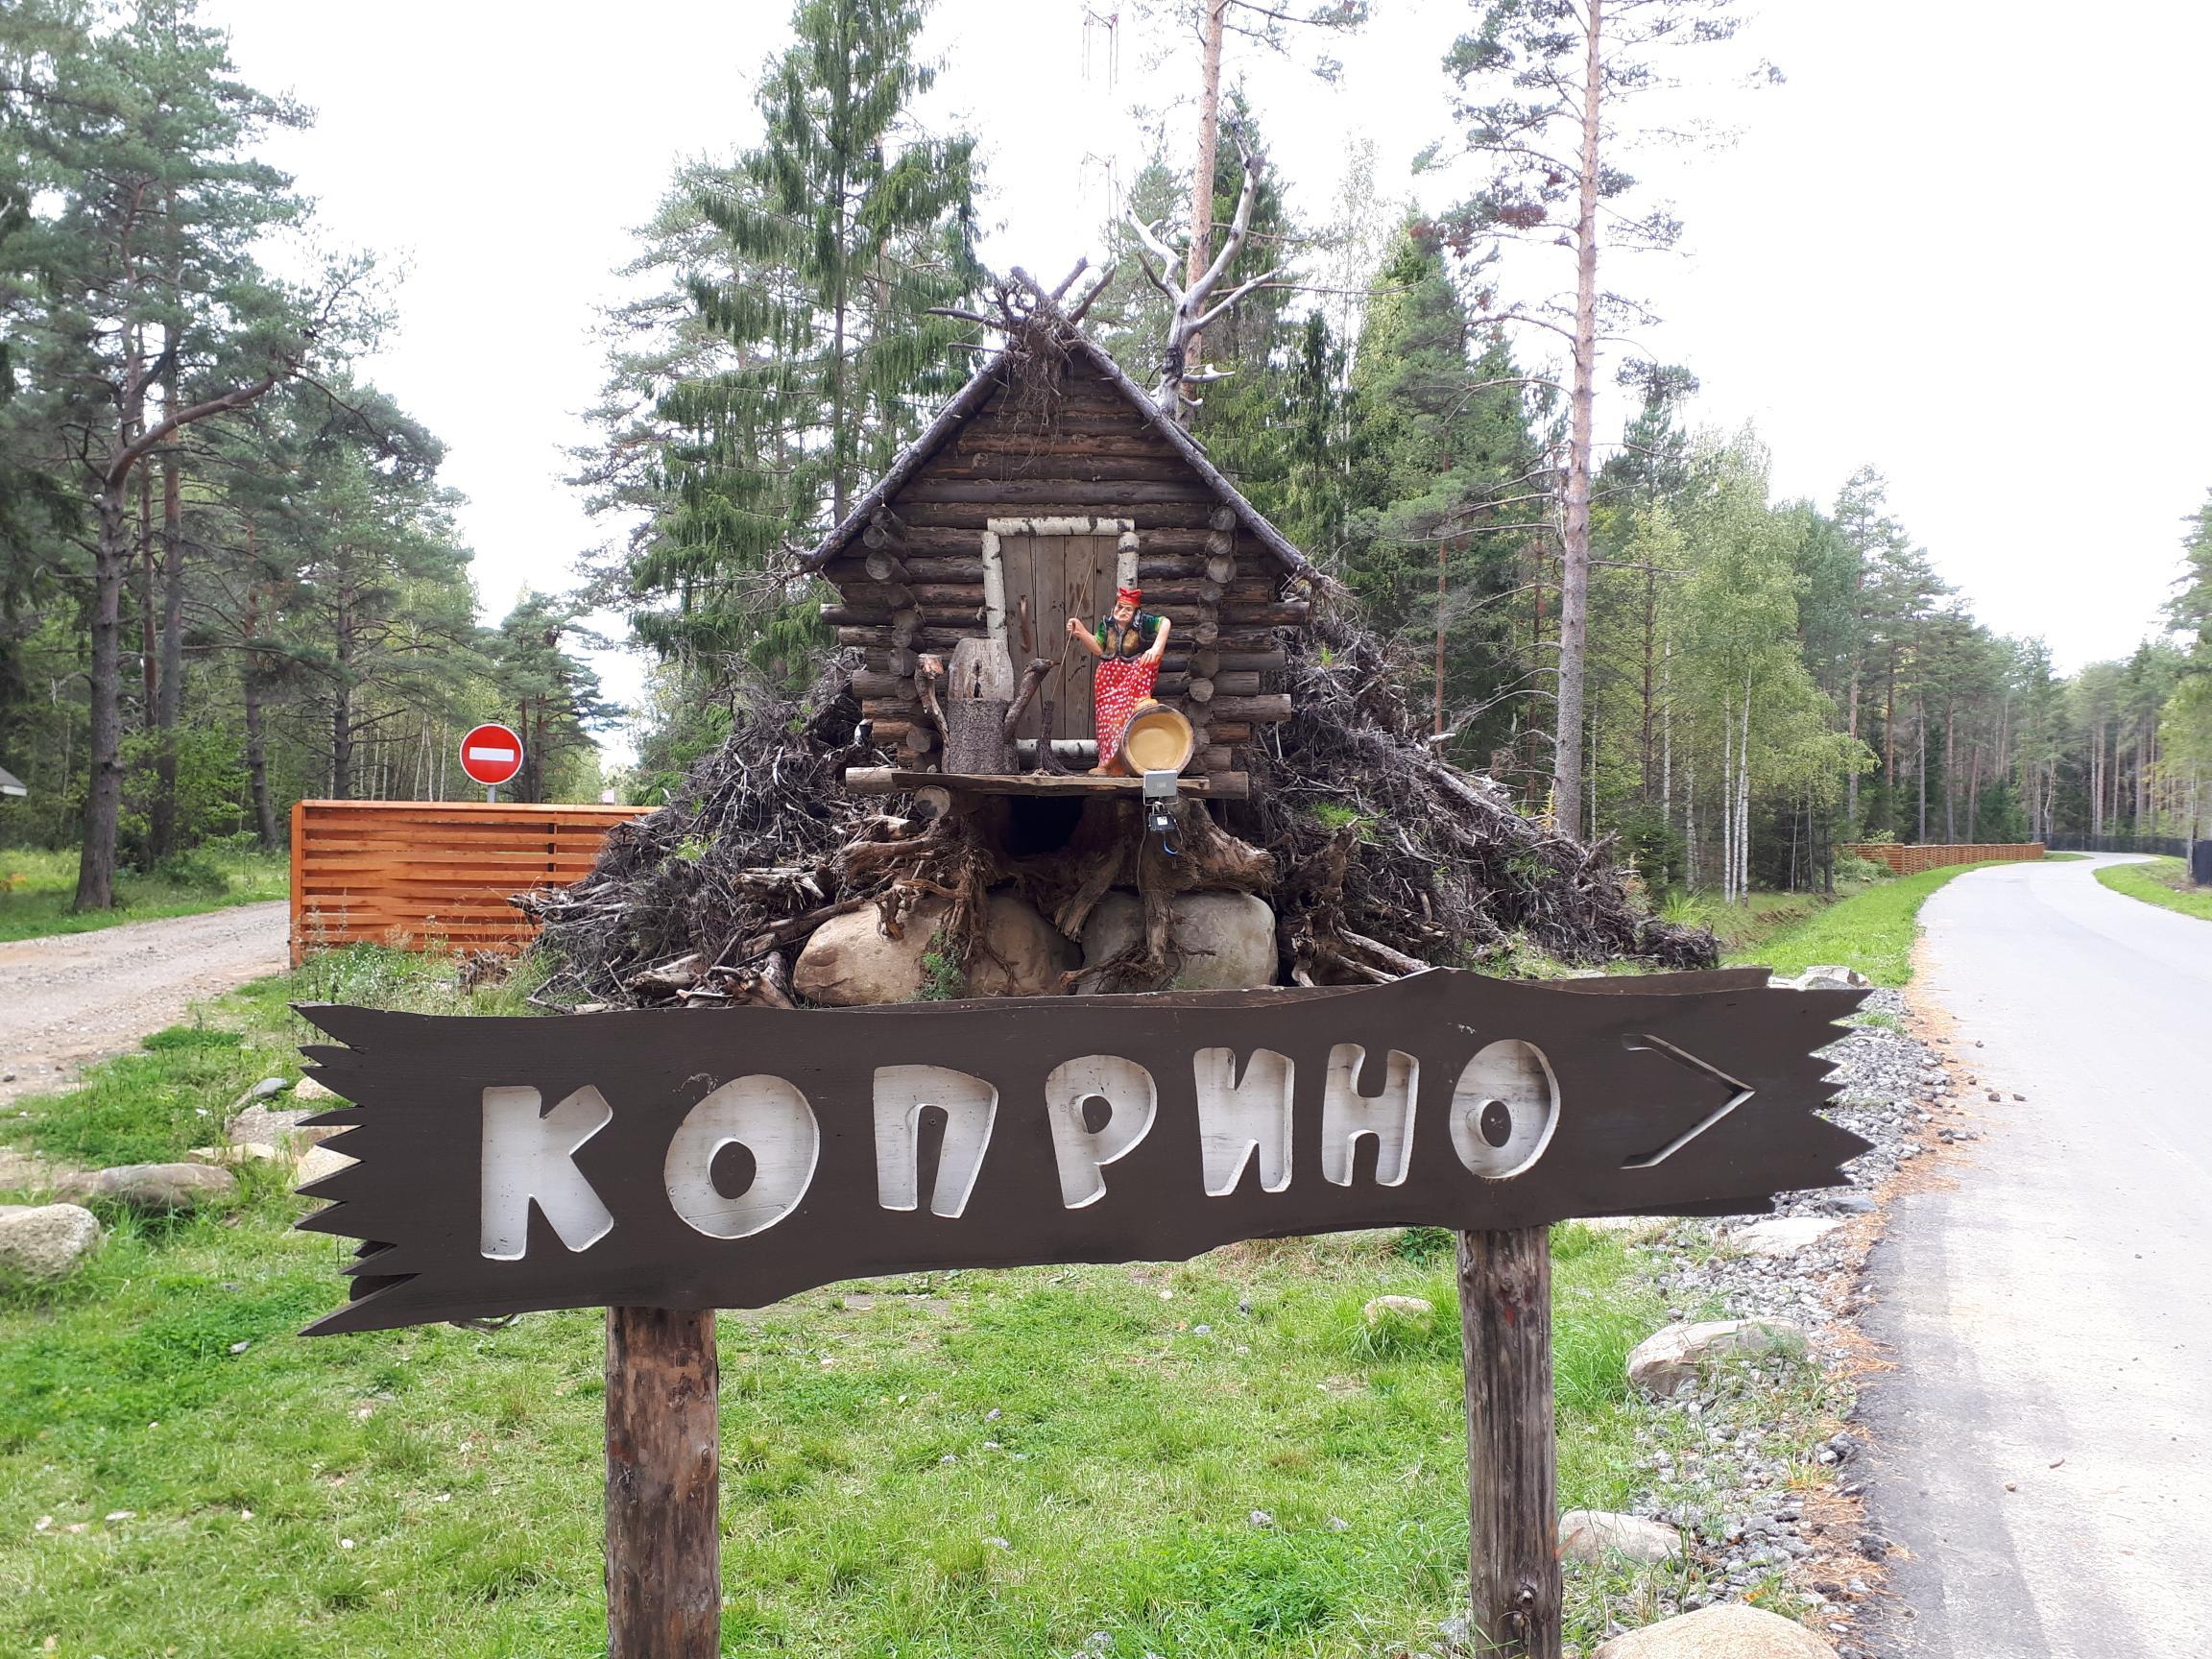 Приезжайте в Коприно!. Блиц: вывески и таблички